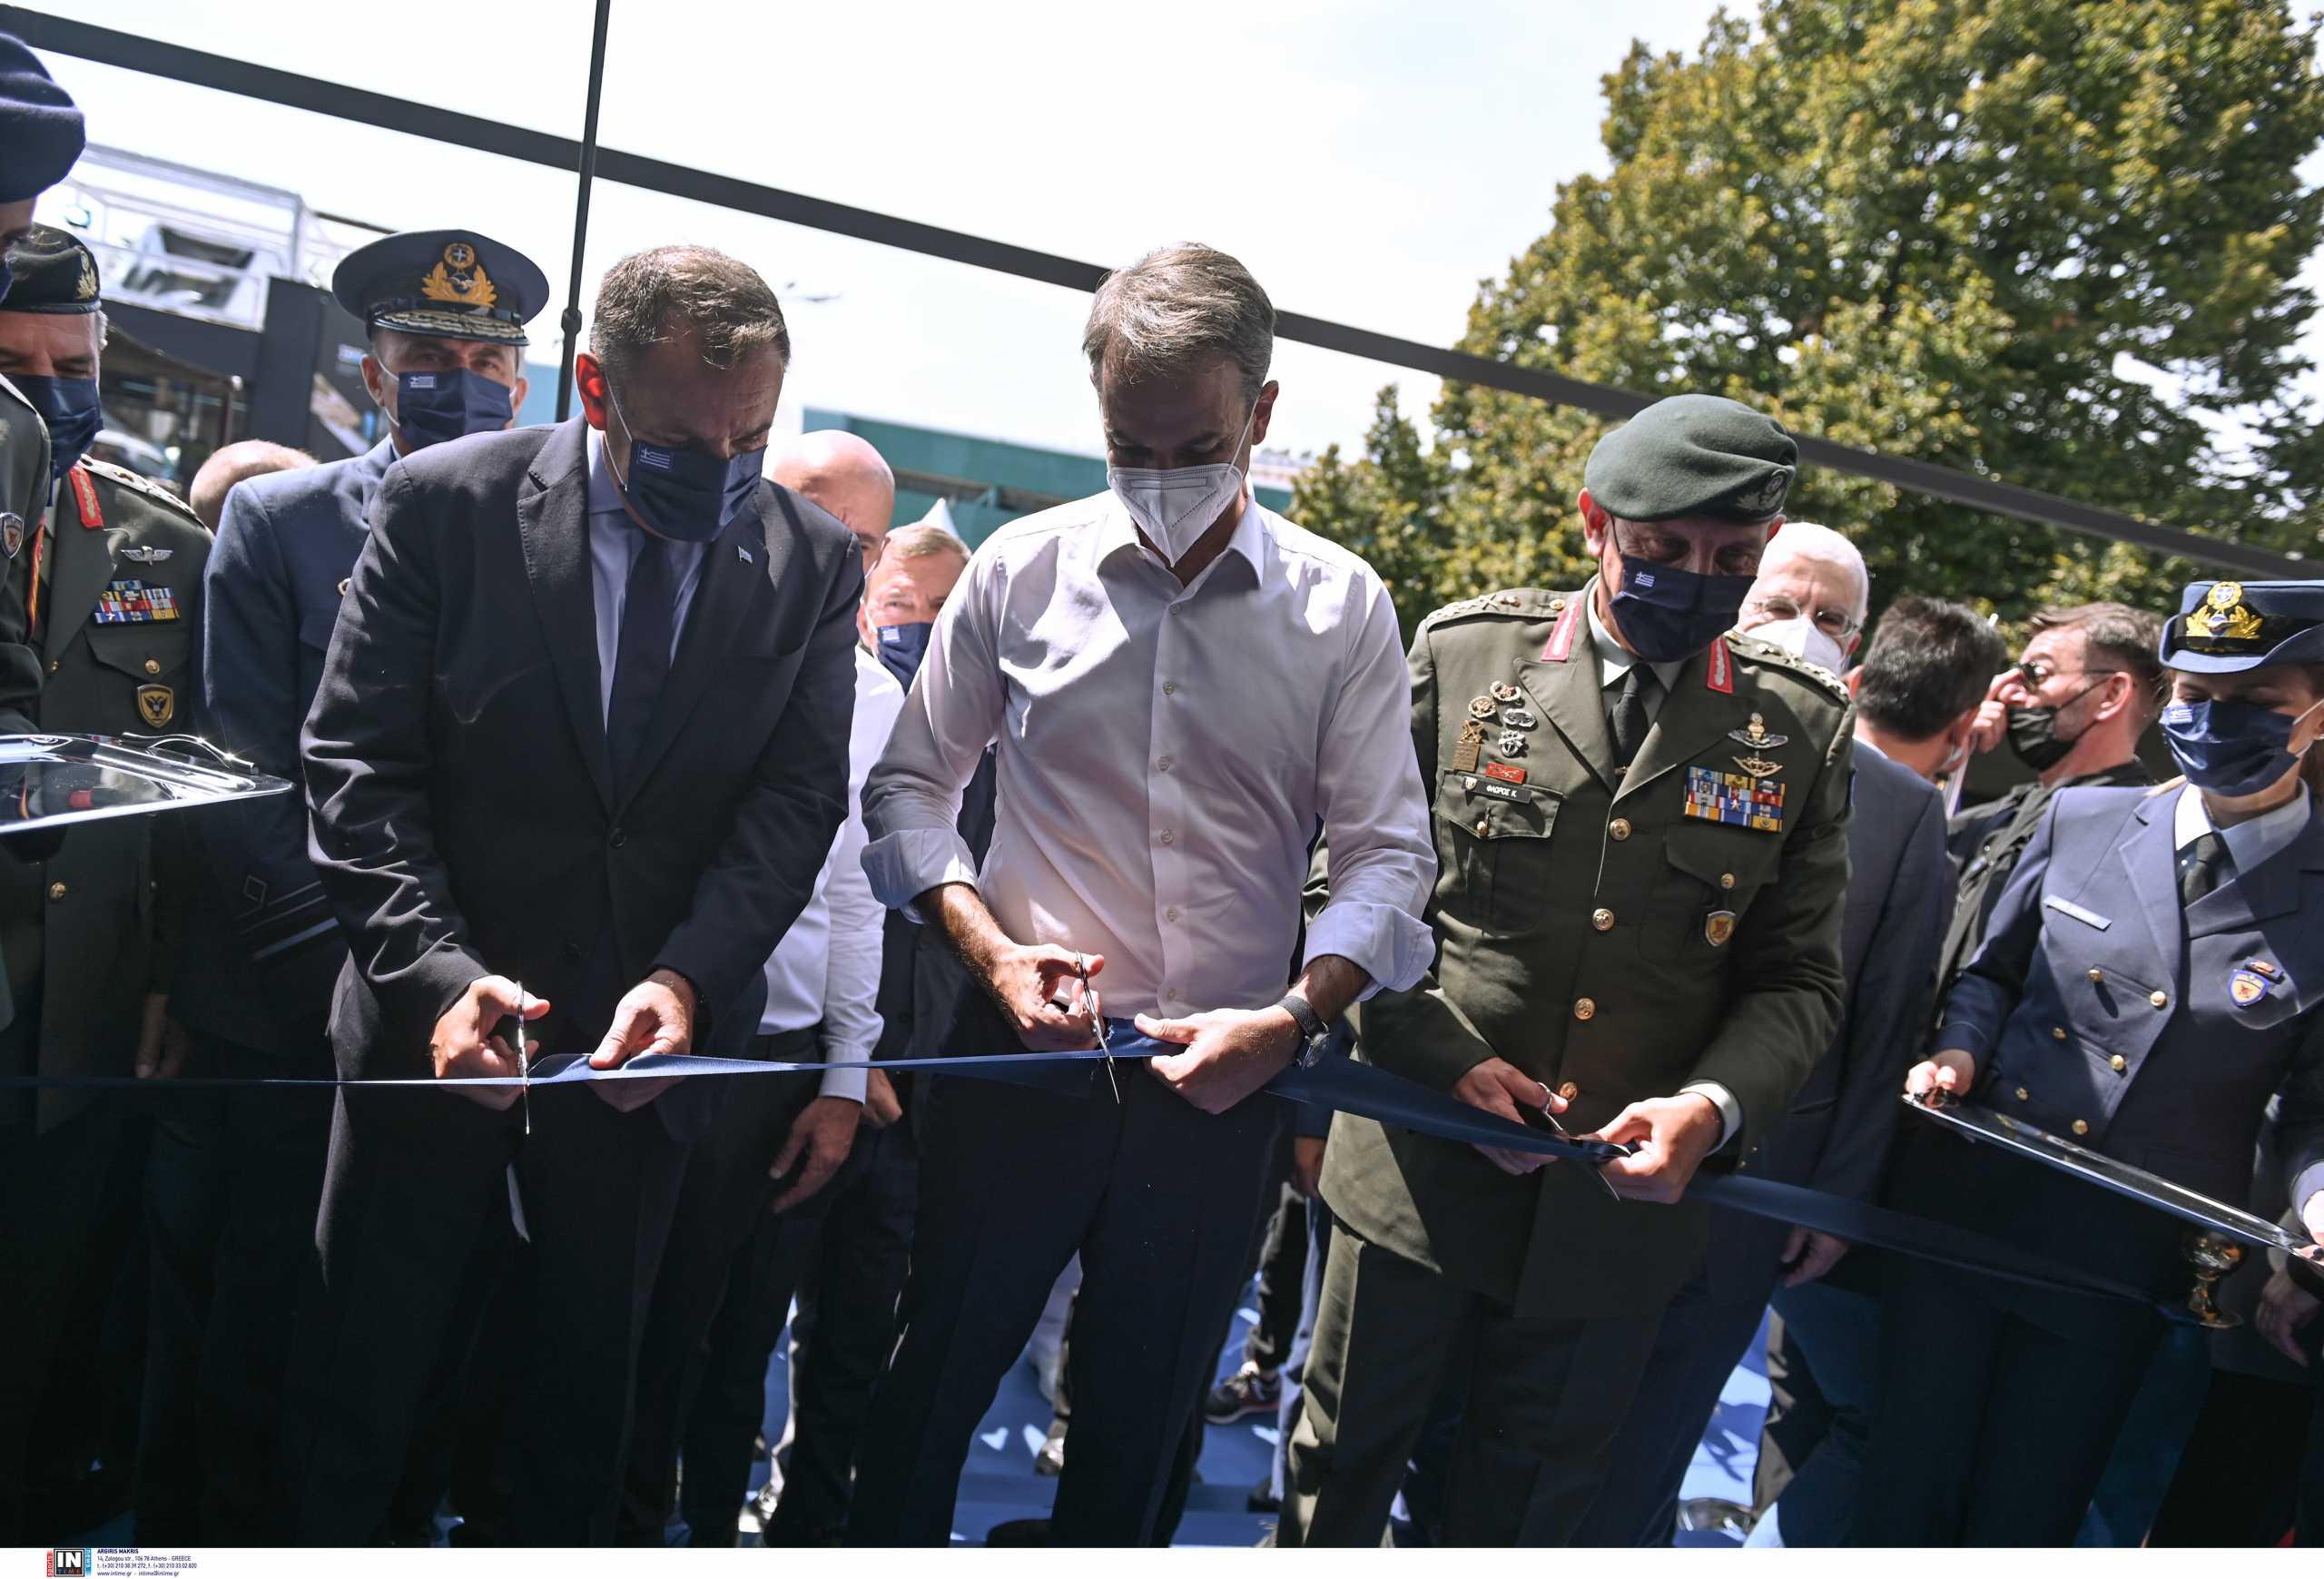 ΔΕΘ 2021: «Δυναμικό παρών» των Ενόπλων Δυνάμεων – Εγκαινιάστηκε το περίπτερο ΥΠΕΘΑ